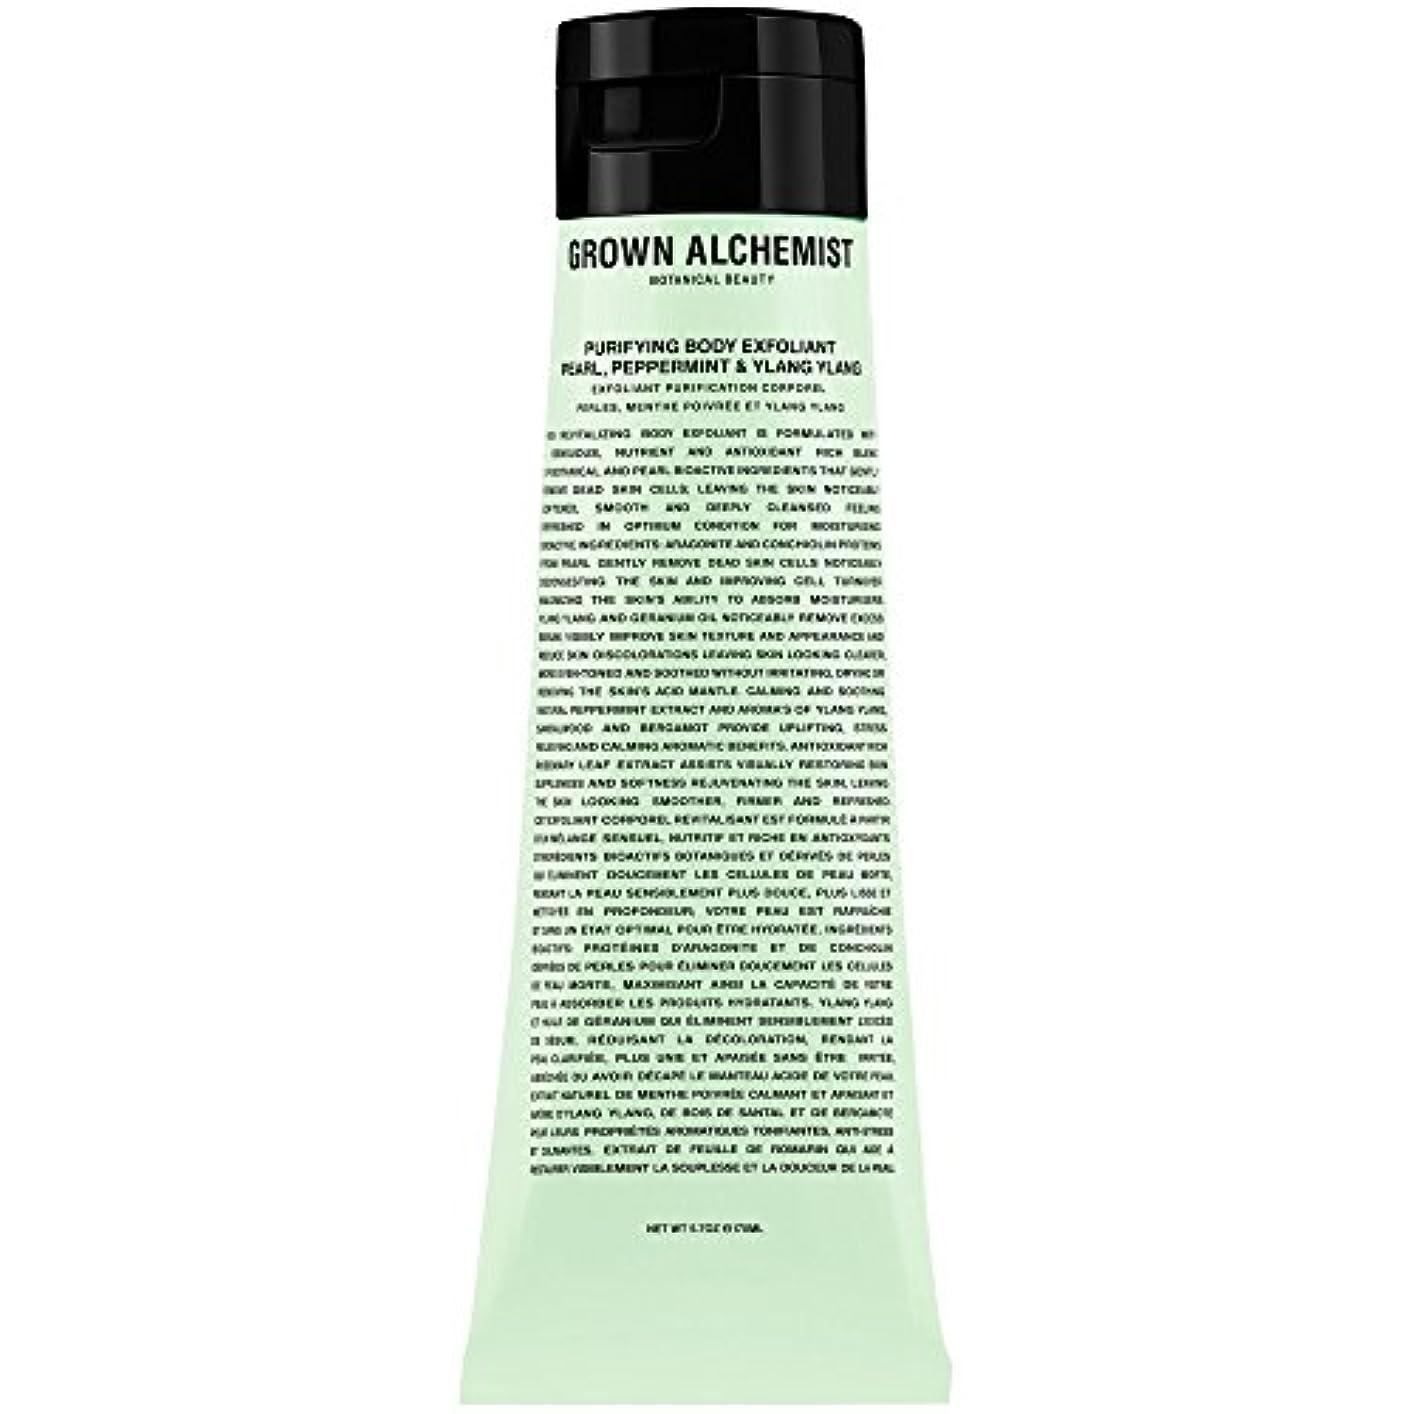 銃パン素人成長した錬金術師浄化体剥脱真珠ペパーミント&イランイラン170ミリリットル (Grown Alchemist) (x6) - Grown Alchemist Purifying Body Exfoliant Pearl Peppermint & Ylang Ylang 170ml (Pack of 6) [並行輸入品]